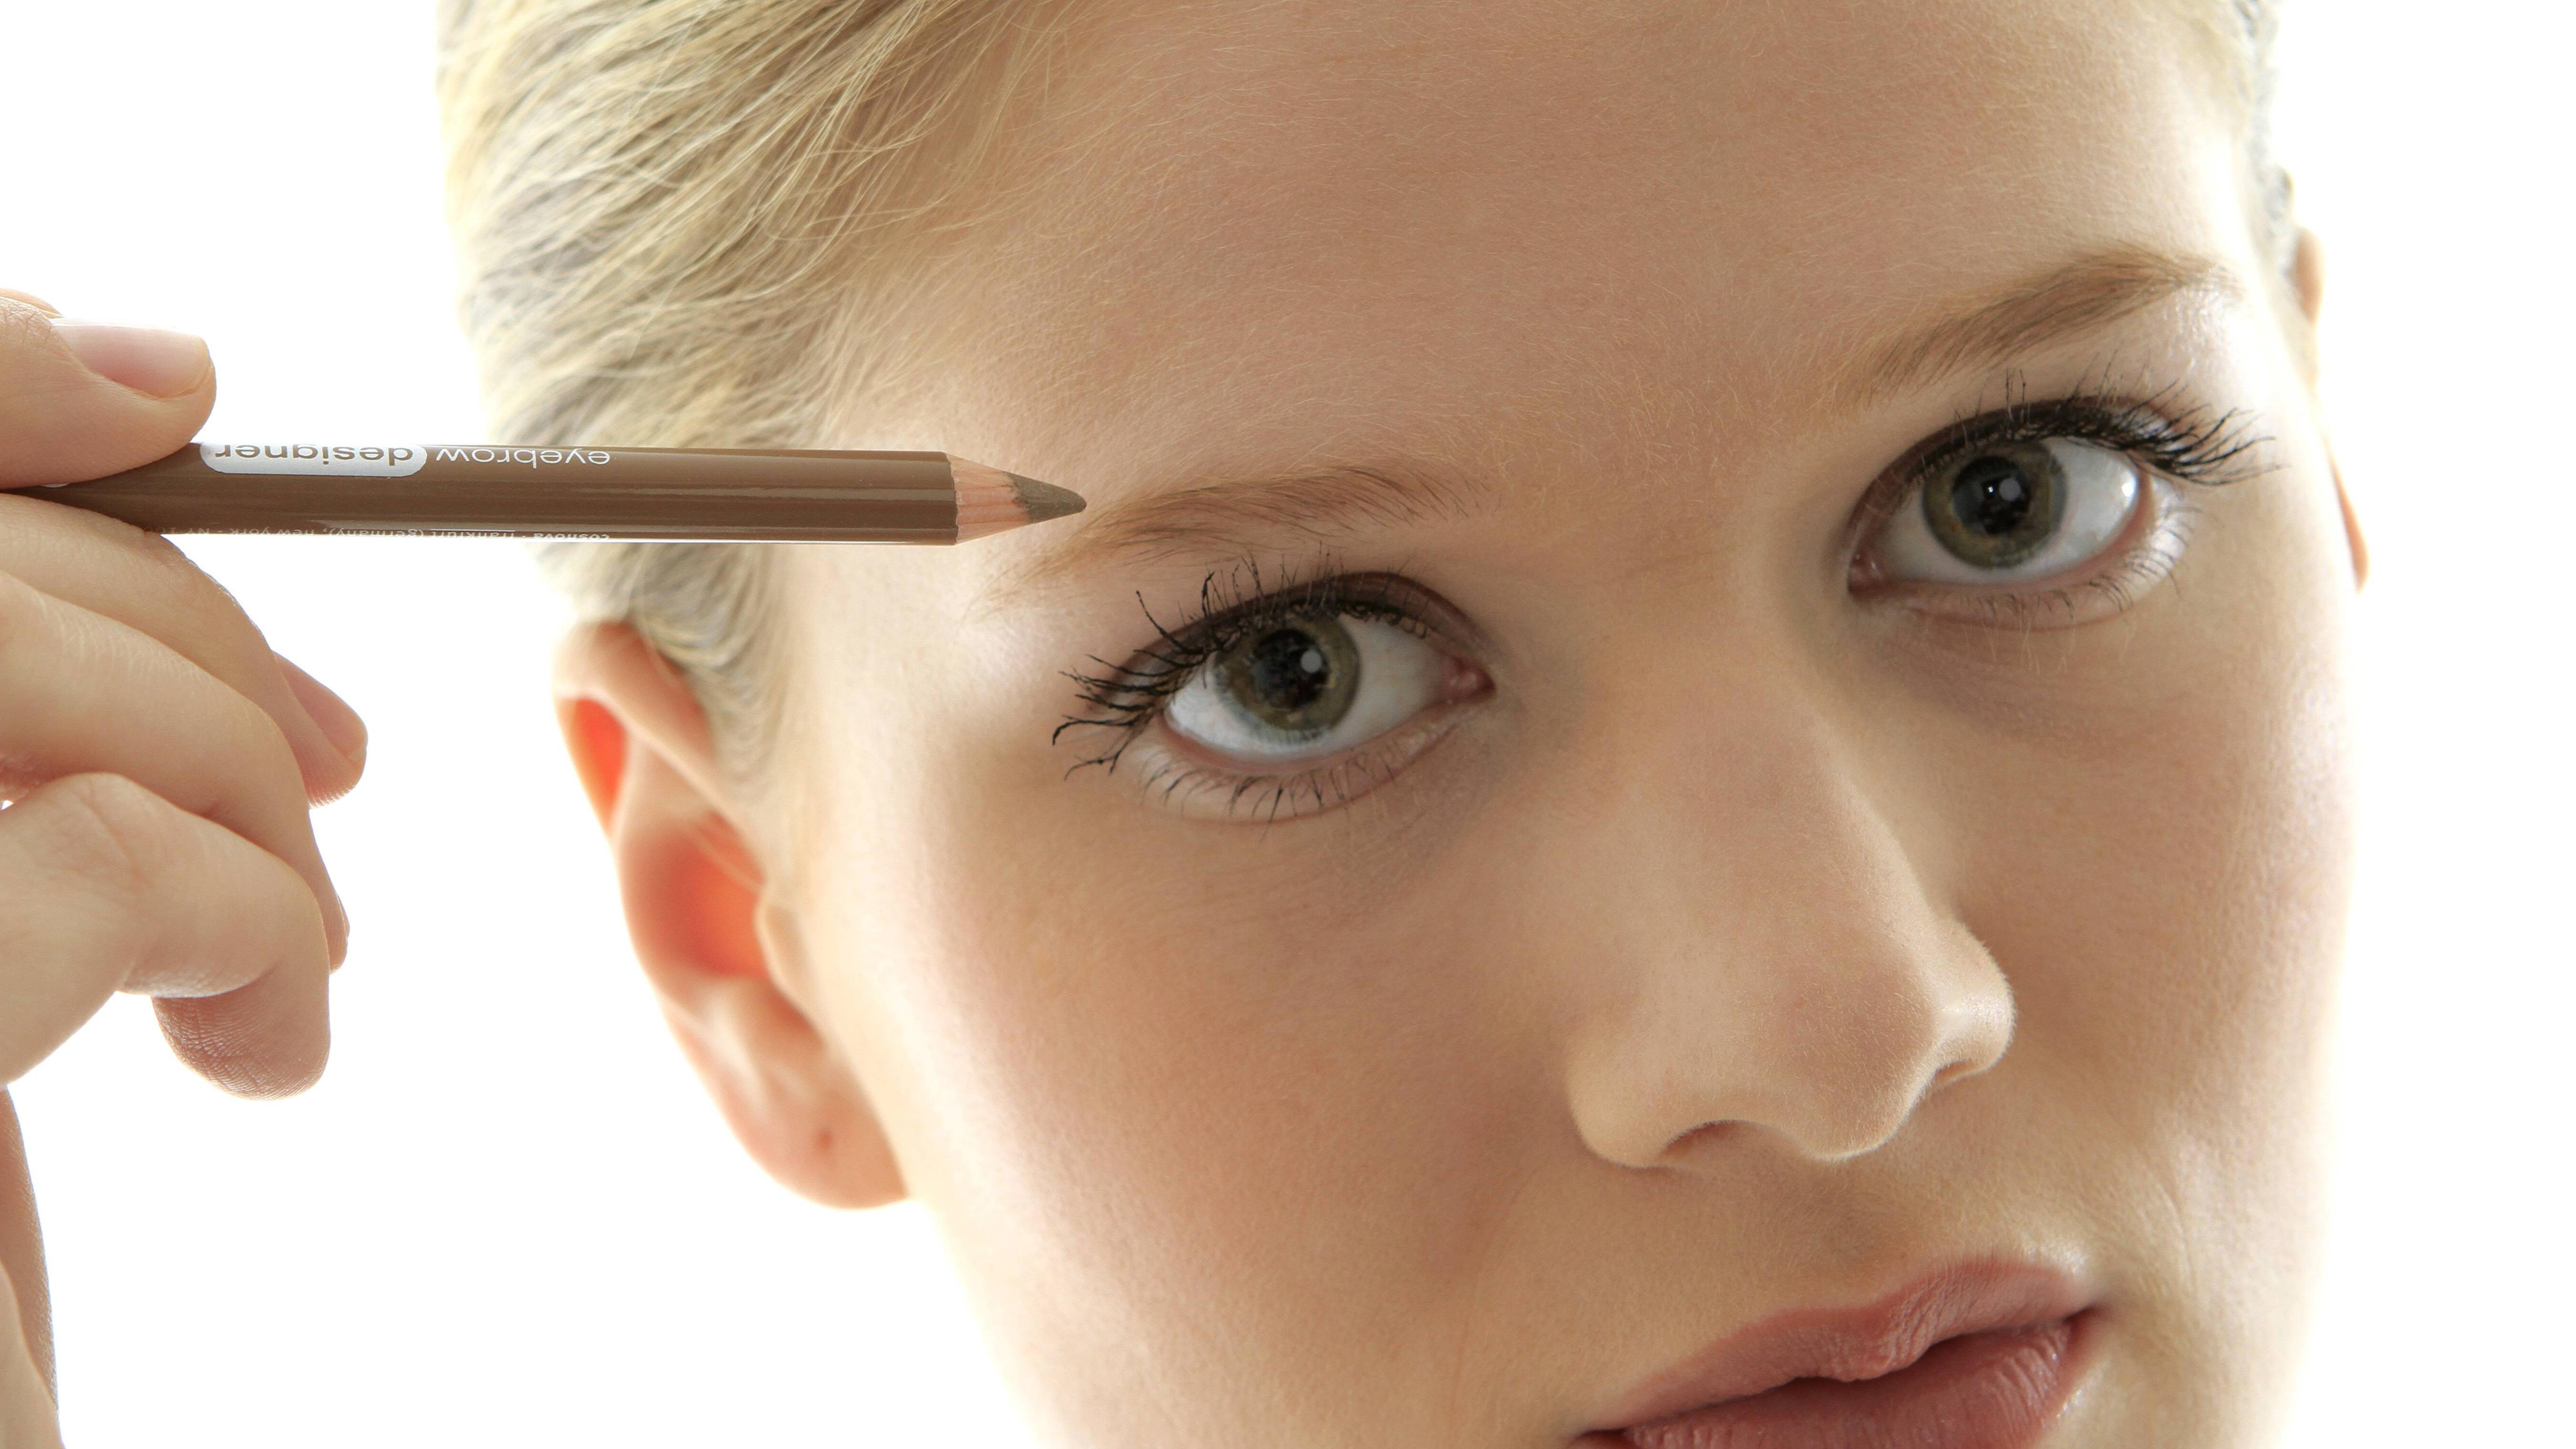 Möchten Sie Ihre Augenbrauen selber färben, dann achten Sie auf den richtigen Farbton.